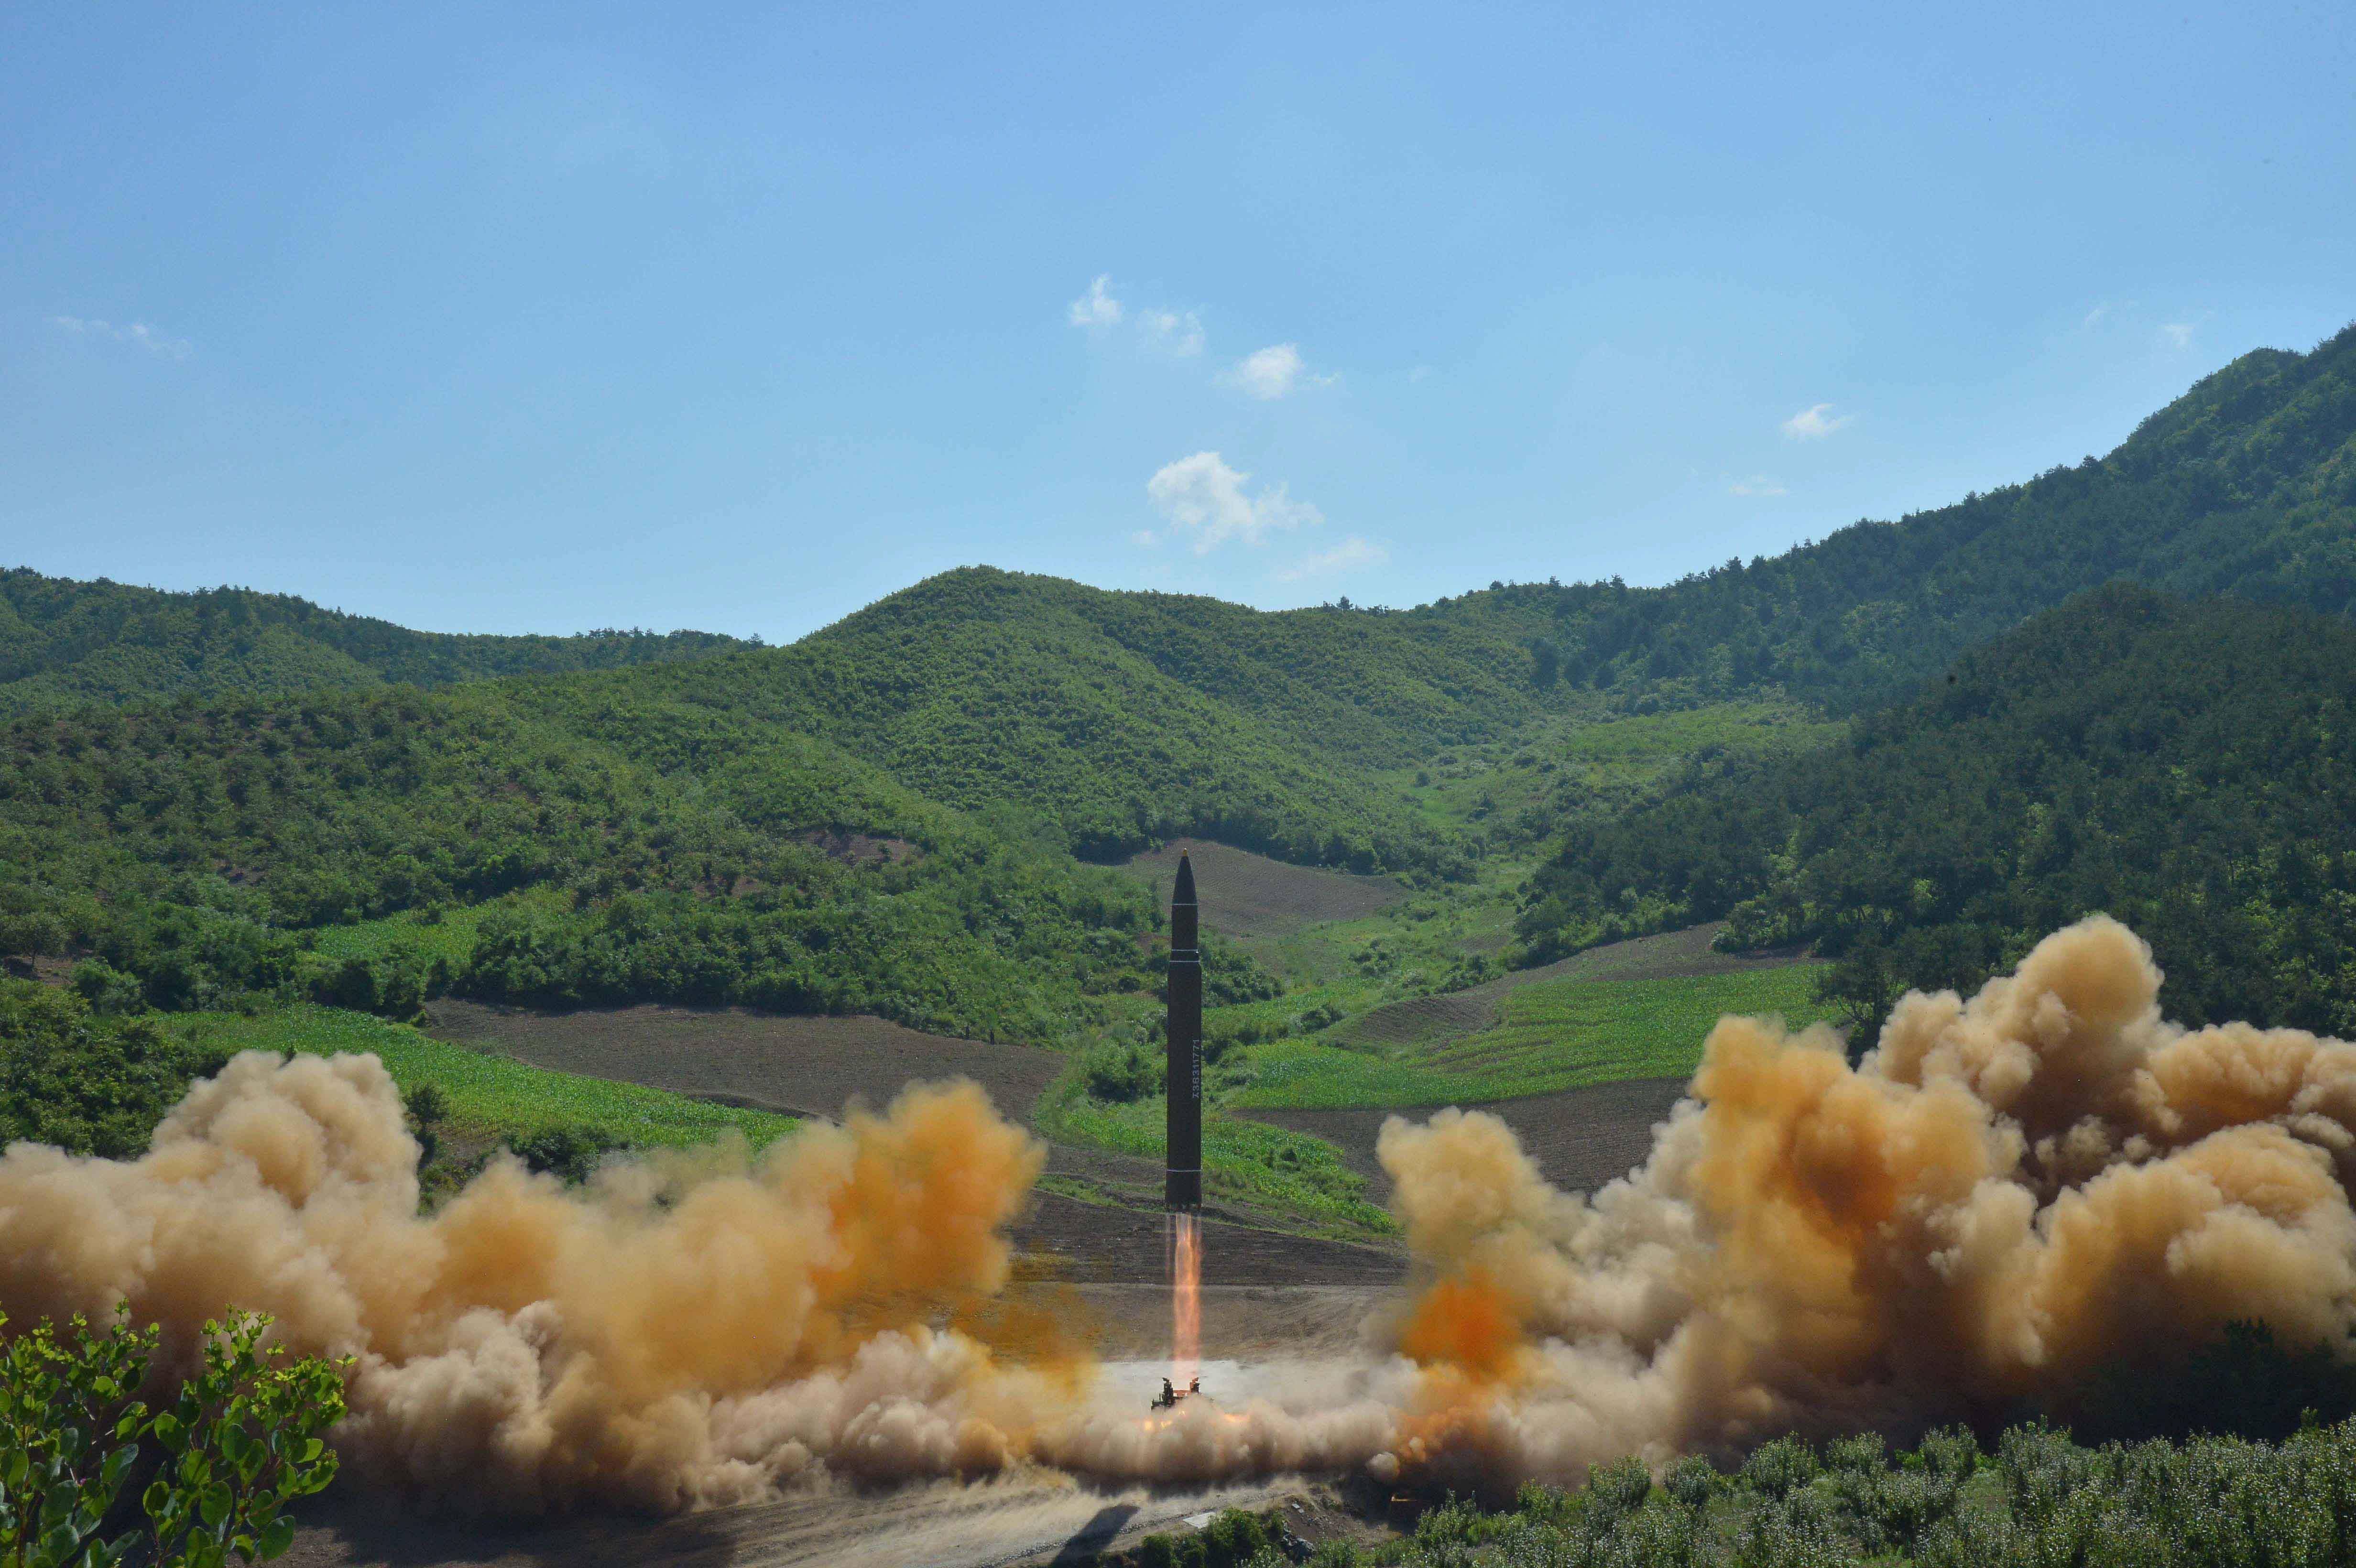 Míssil balístico intercontinental norte-coreano Hwasong-14  lançado em local não divulgado na Coreia do Norte